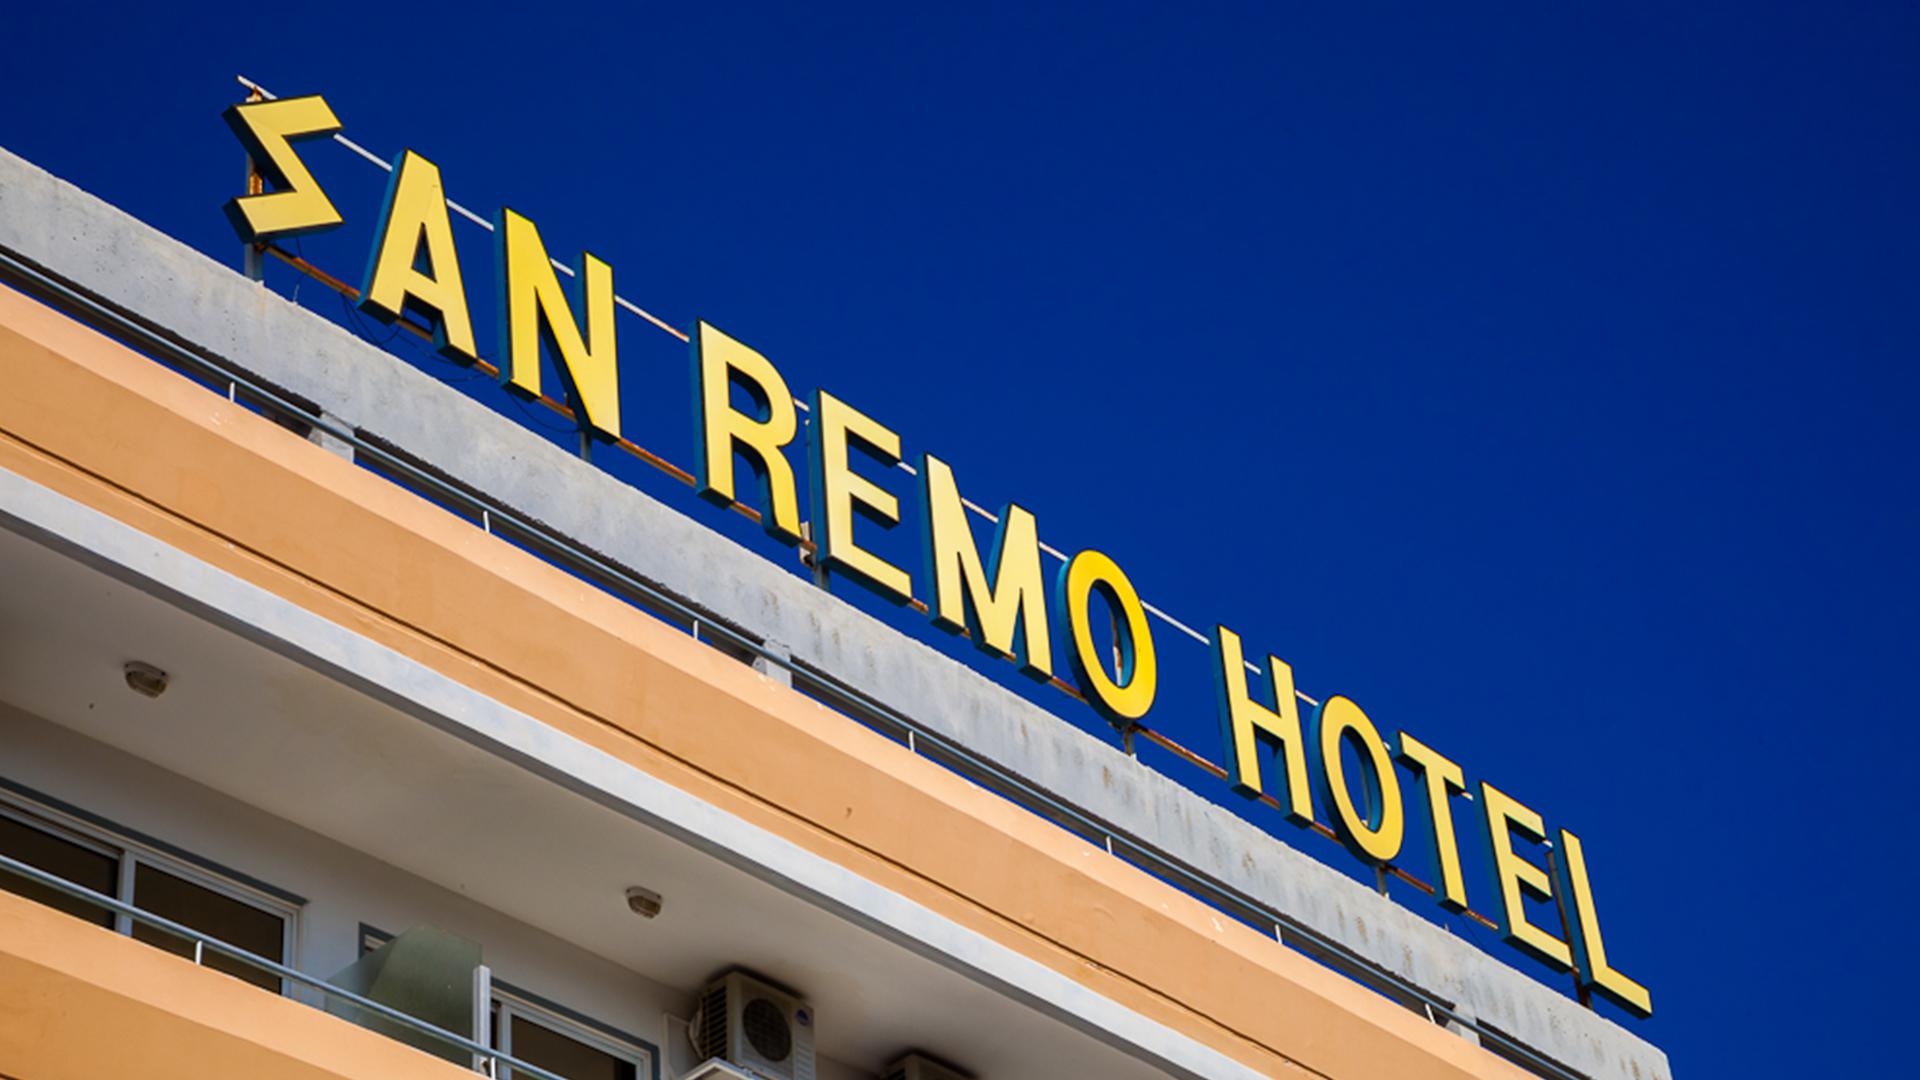 20160328-044213-Hotel-San-Remo-San-Remo-Hotel-Gall